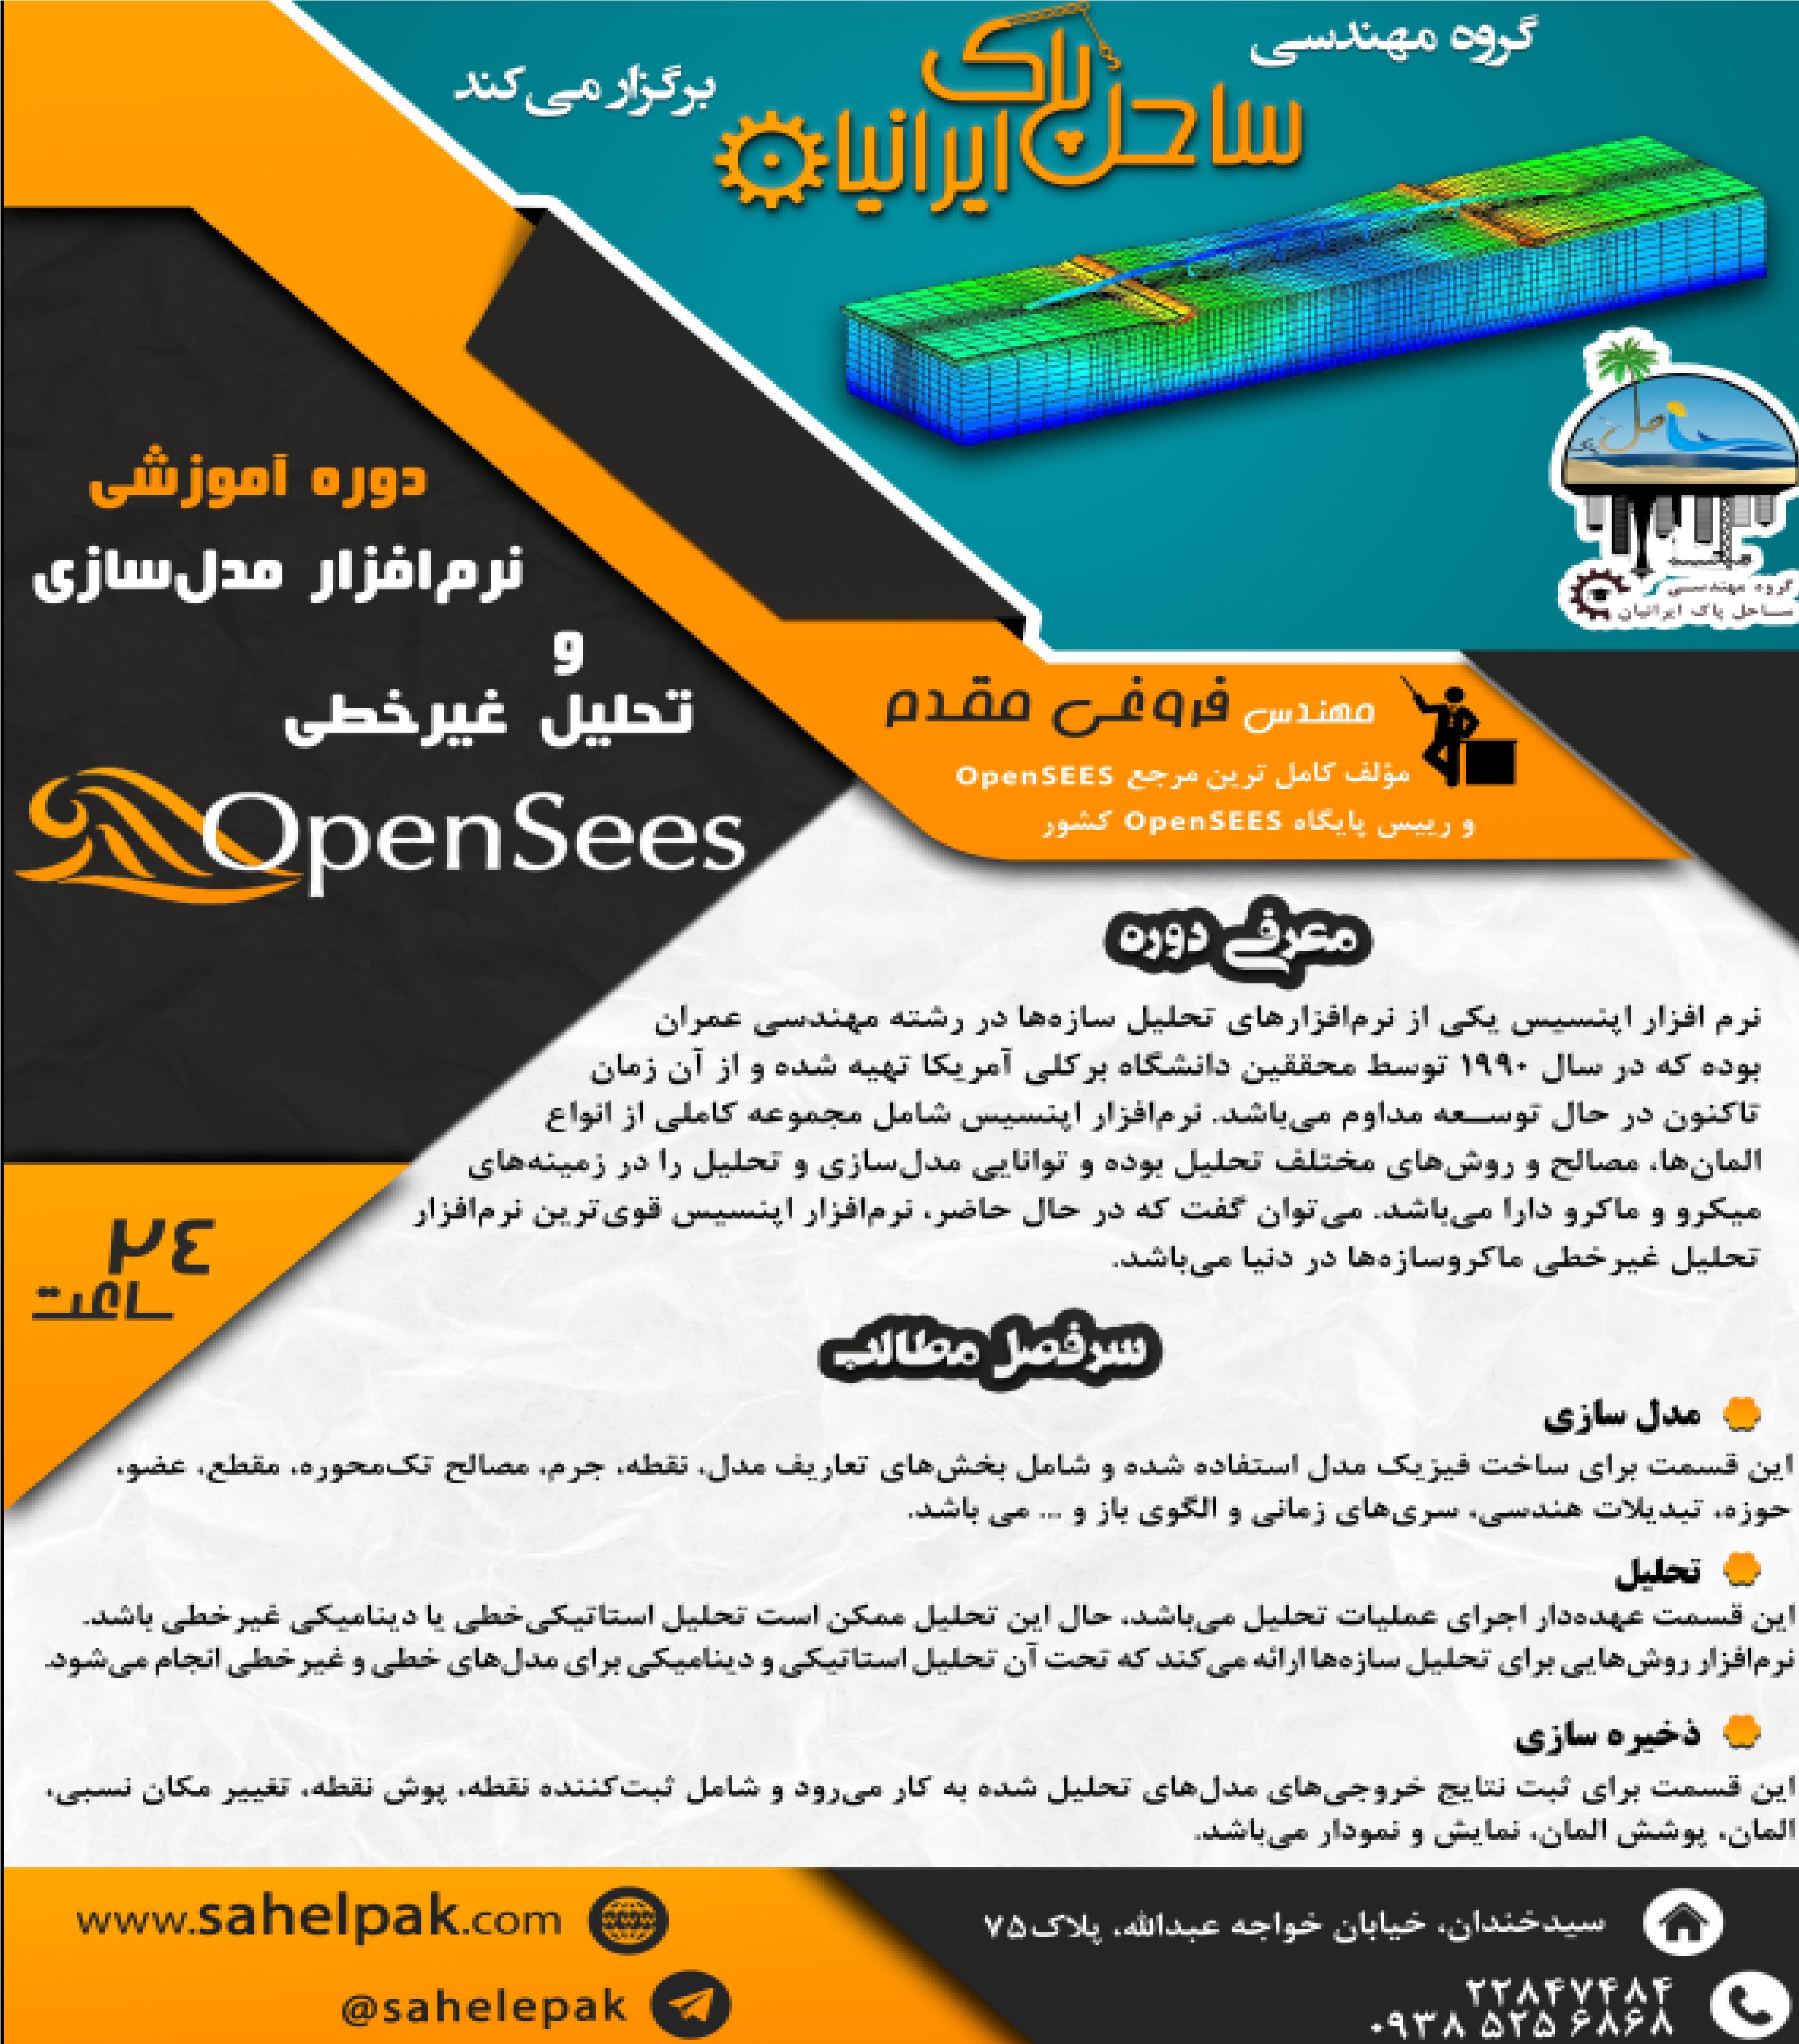 دوره آموزشی نرمافزار مدلسازی و تحلیل غیرخطی OpenSees